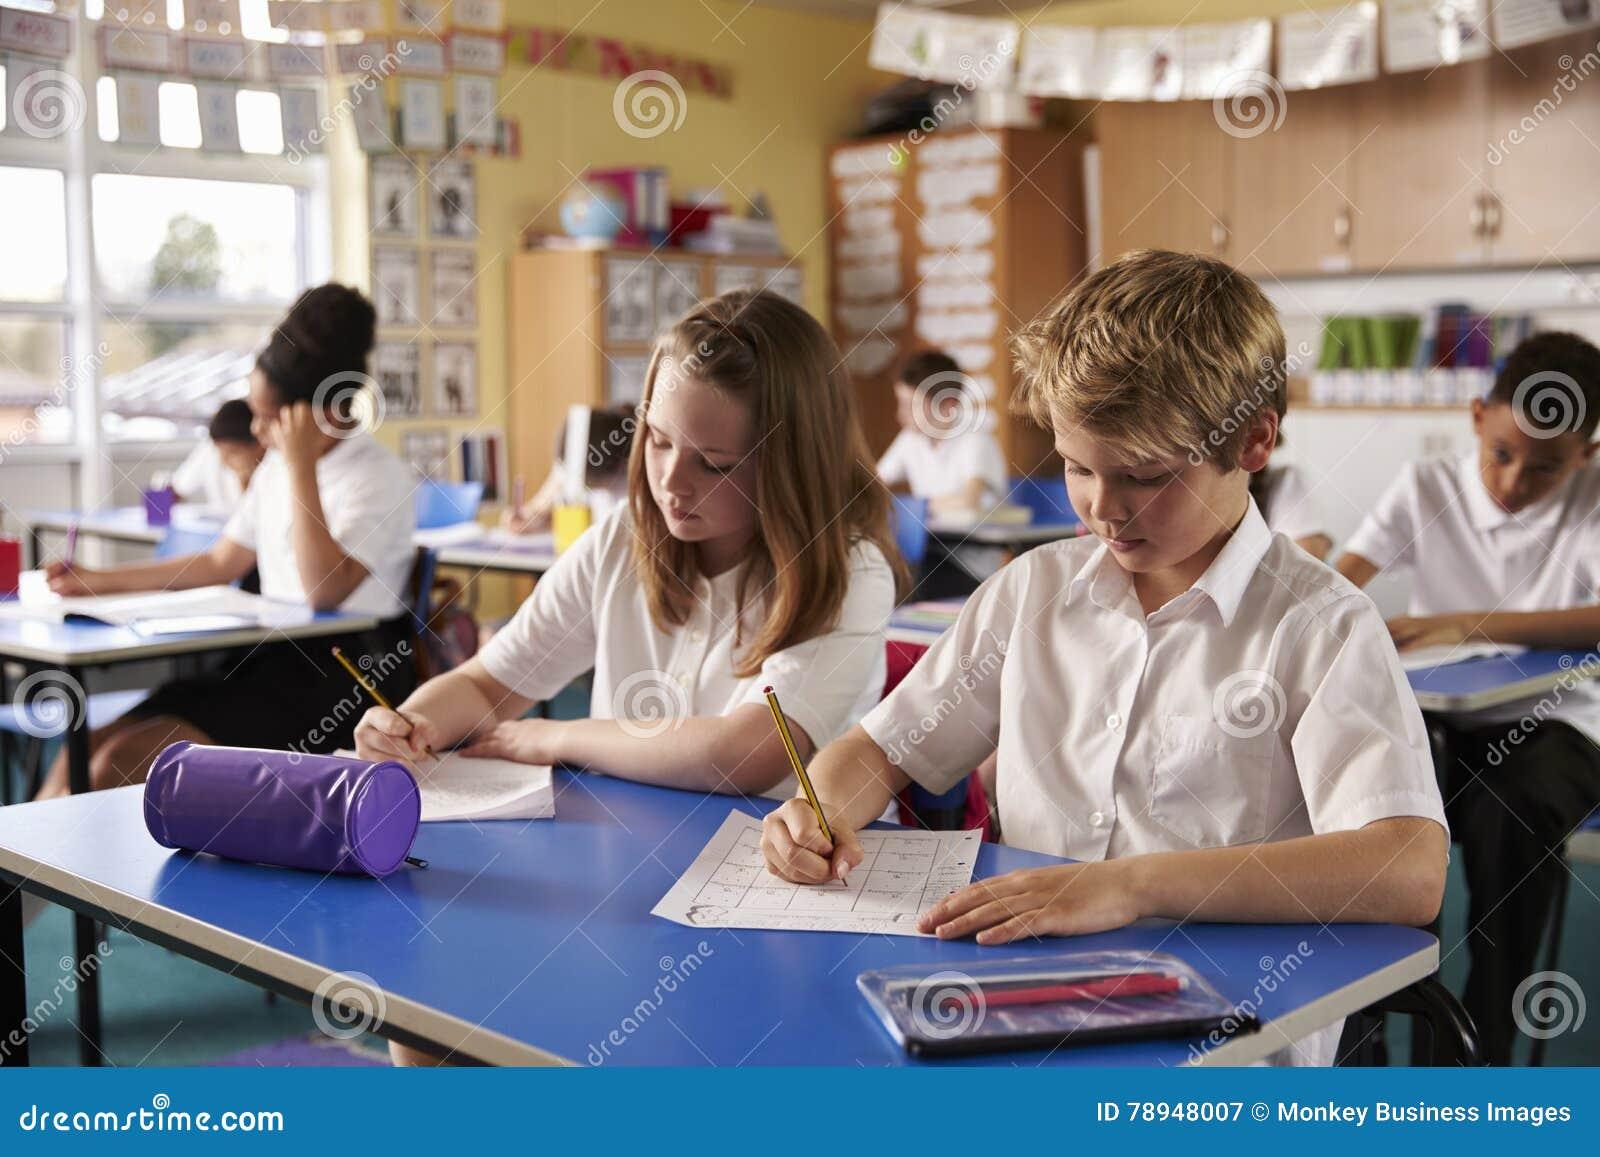 Två ungar som arbetar på skrivbord i ett grundskola för barn mellan 5 och 11 årklassrum